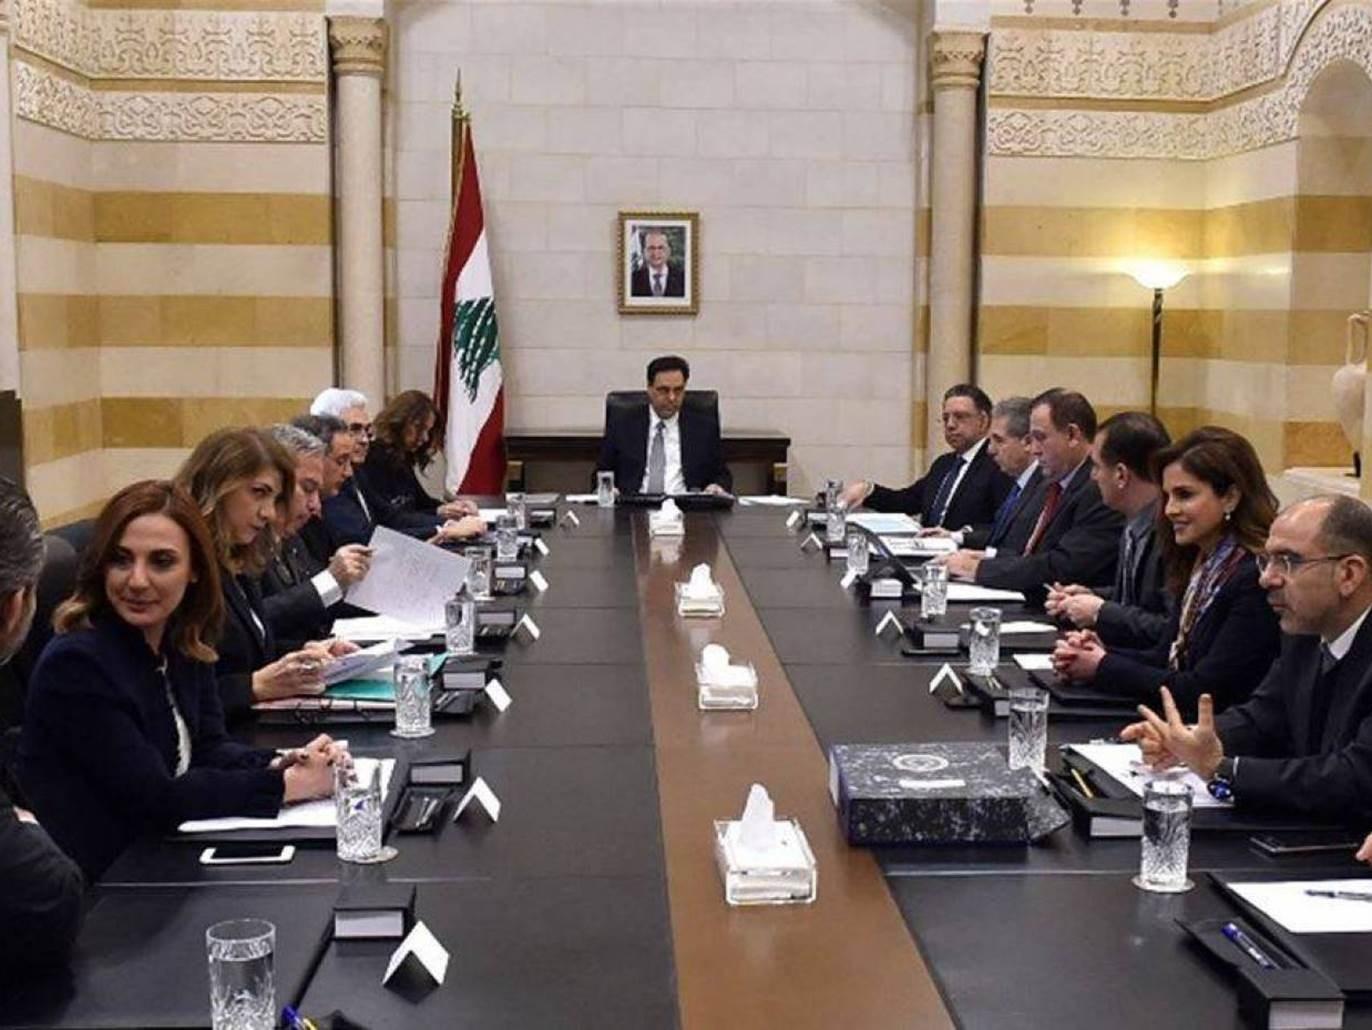 صندوق النقد الدولي: نواصل مناقشات بناءة بشأن الخطة الإصلاحية للبنان